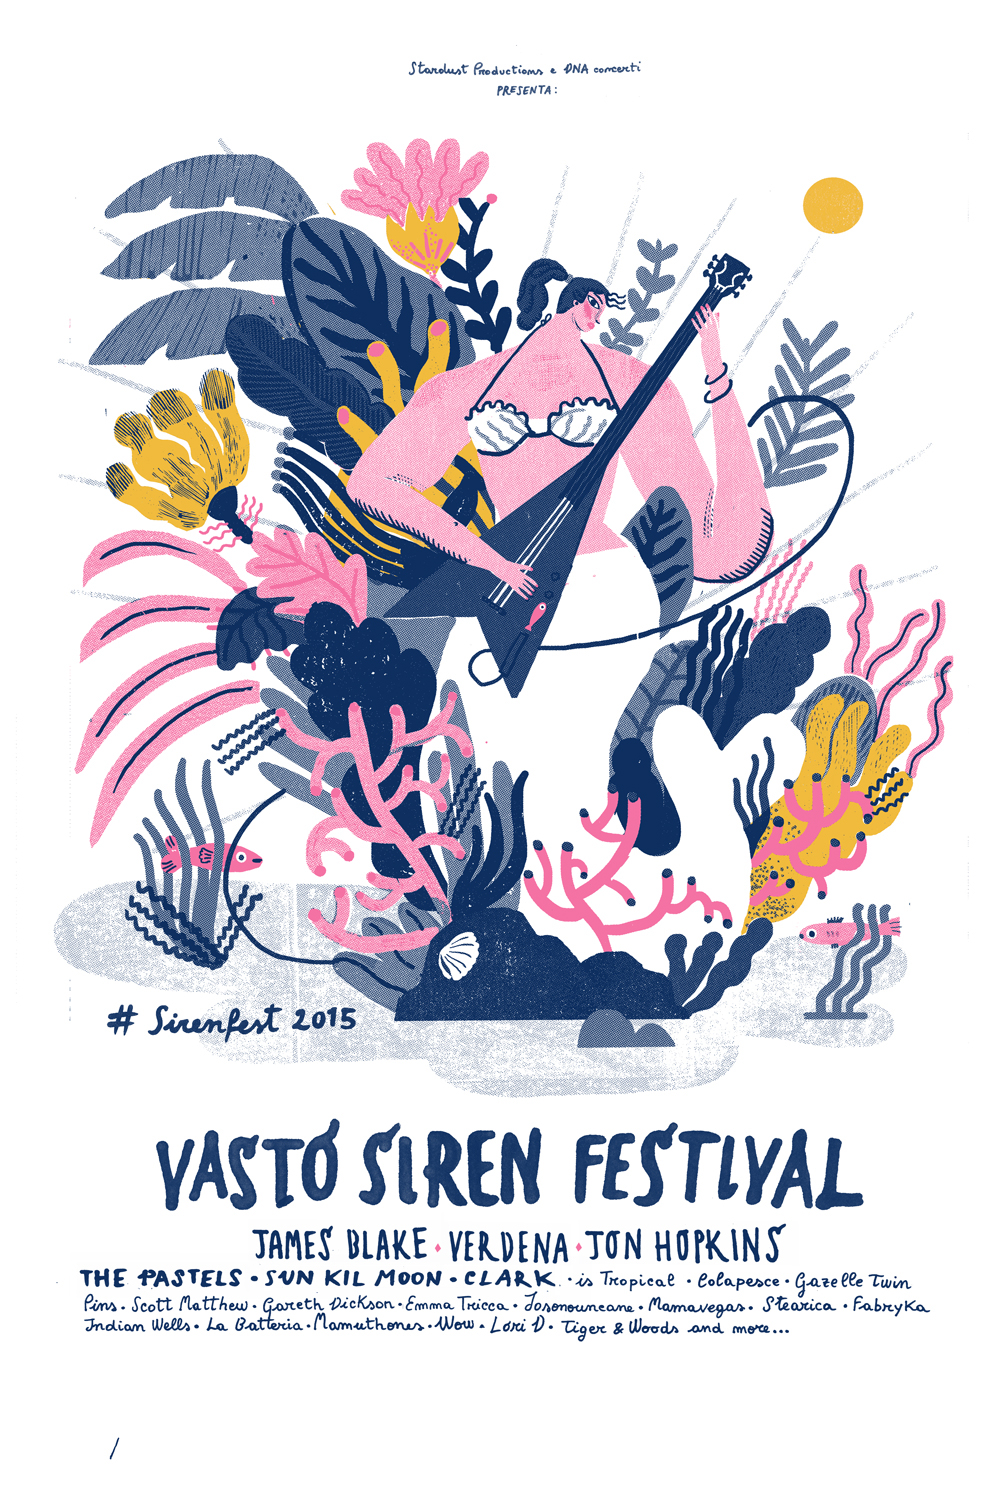 Vasto Siren Festival On Inspirationde